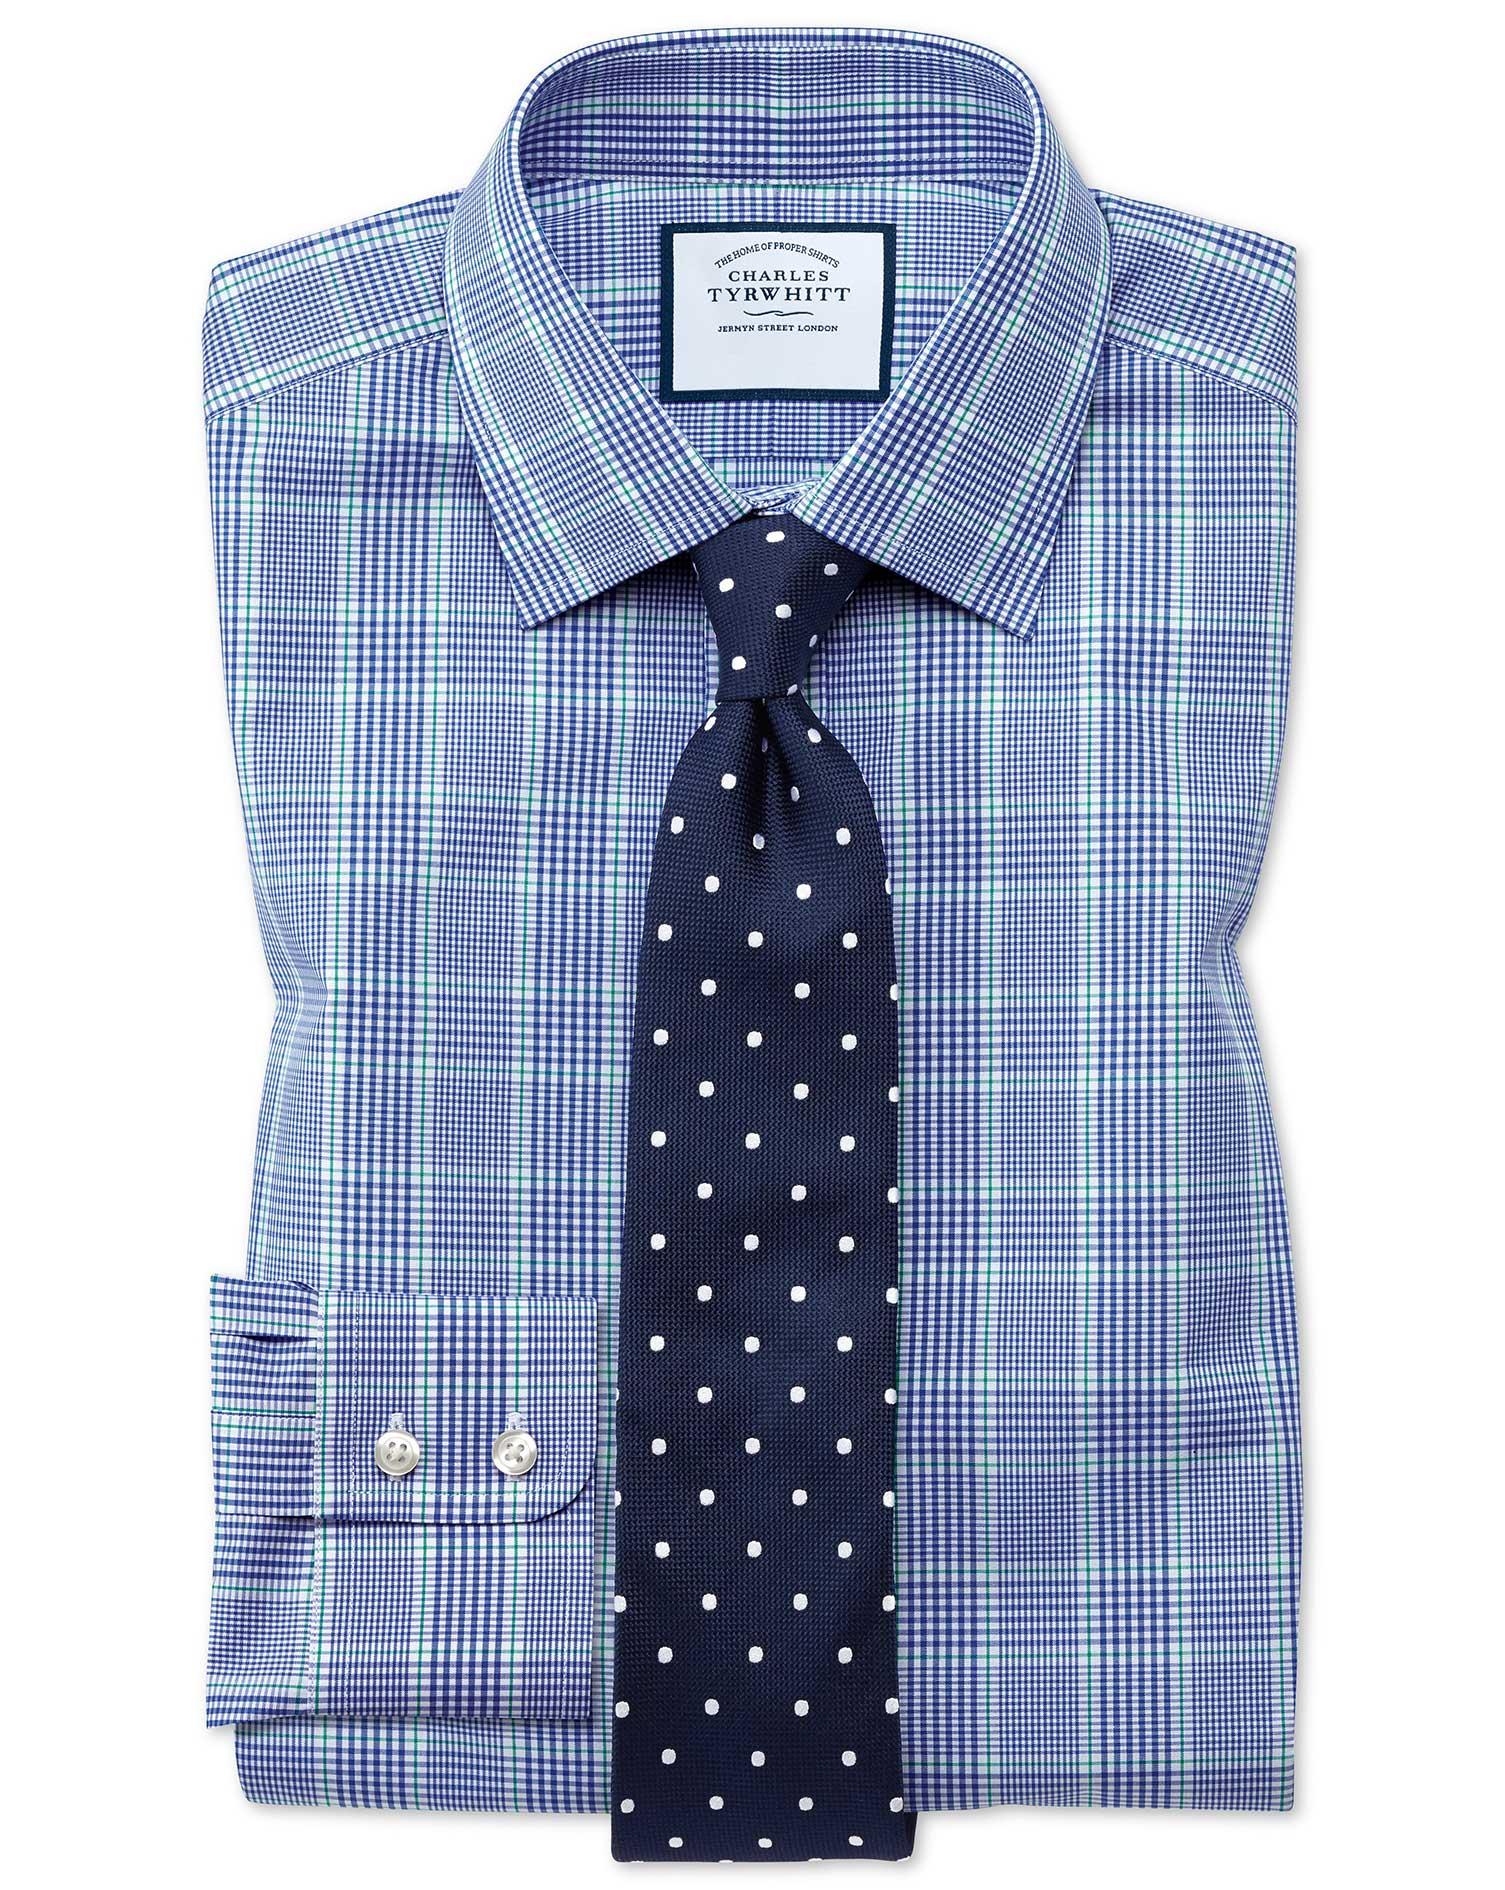 Chemise Bleue Et Verte En Prince De Galles Extra Slim Fit - Bleu/Vert - 15.5 / 35